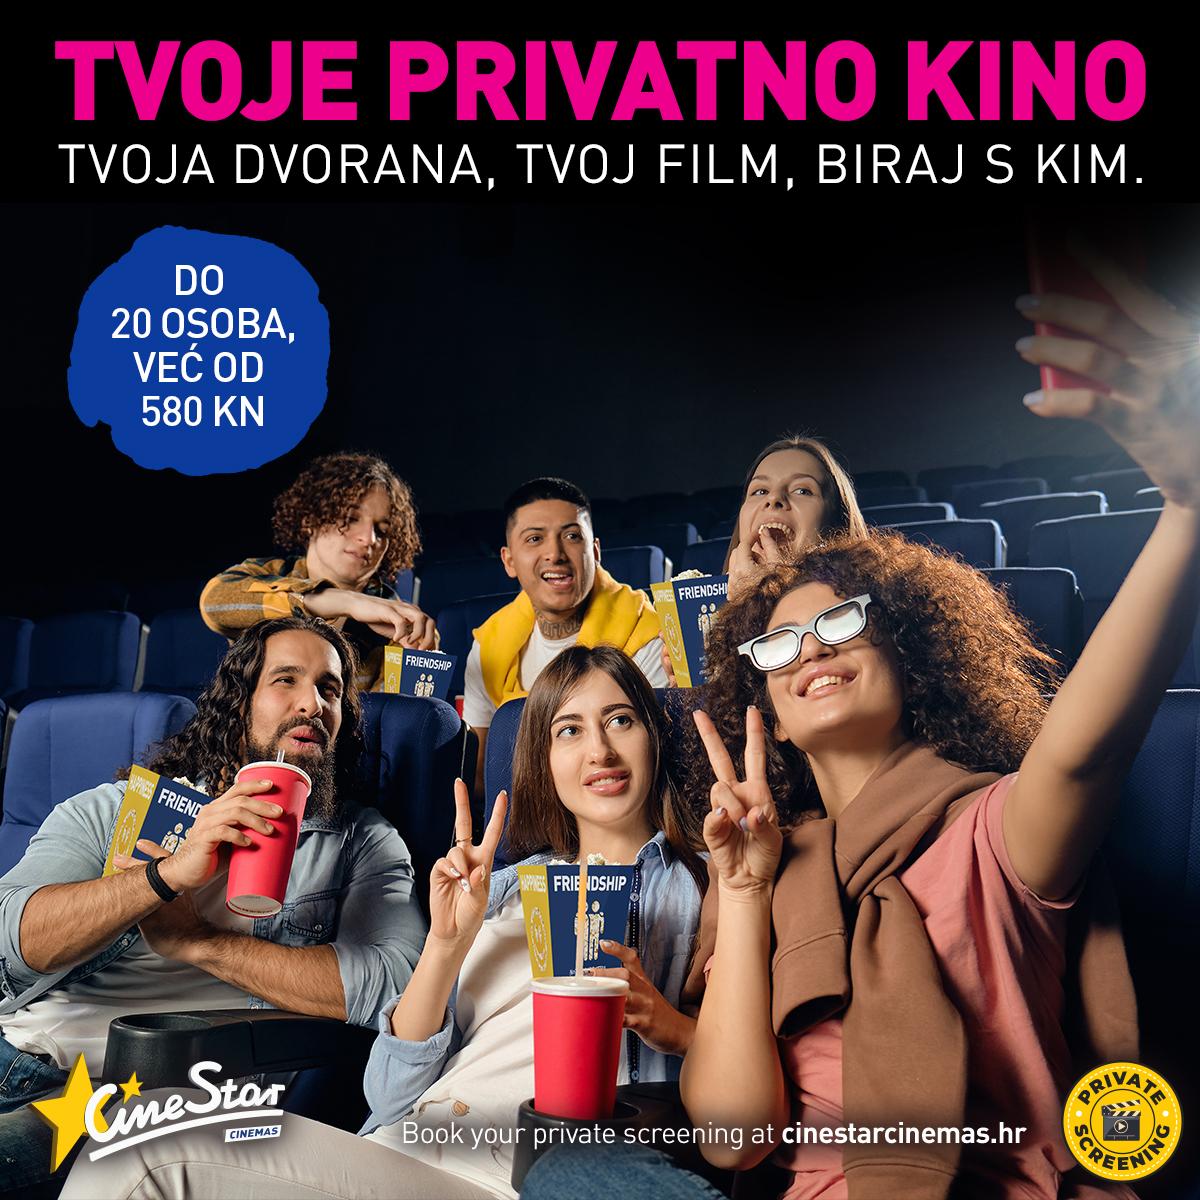 Tvoje privatno kino